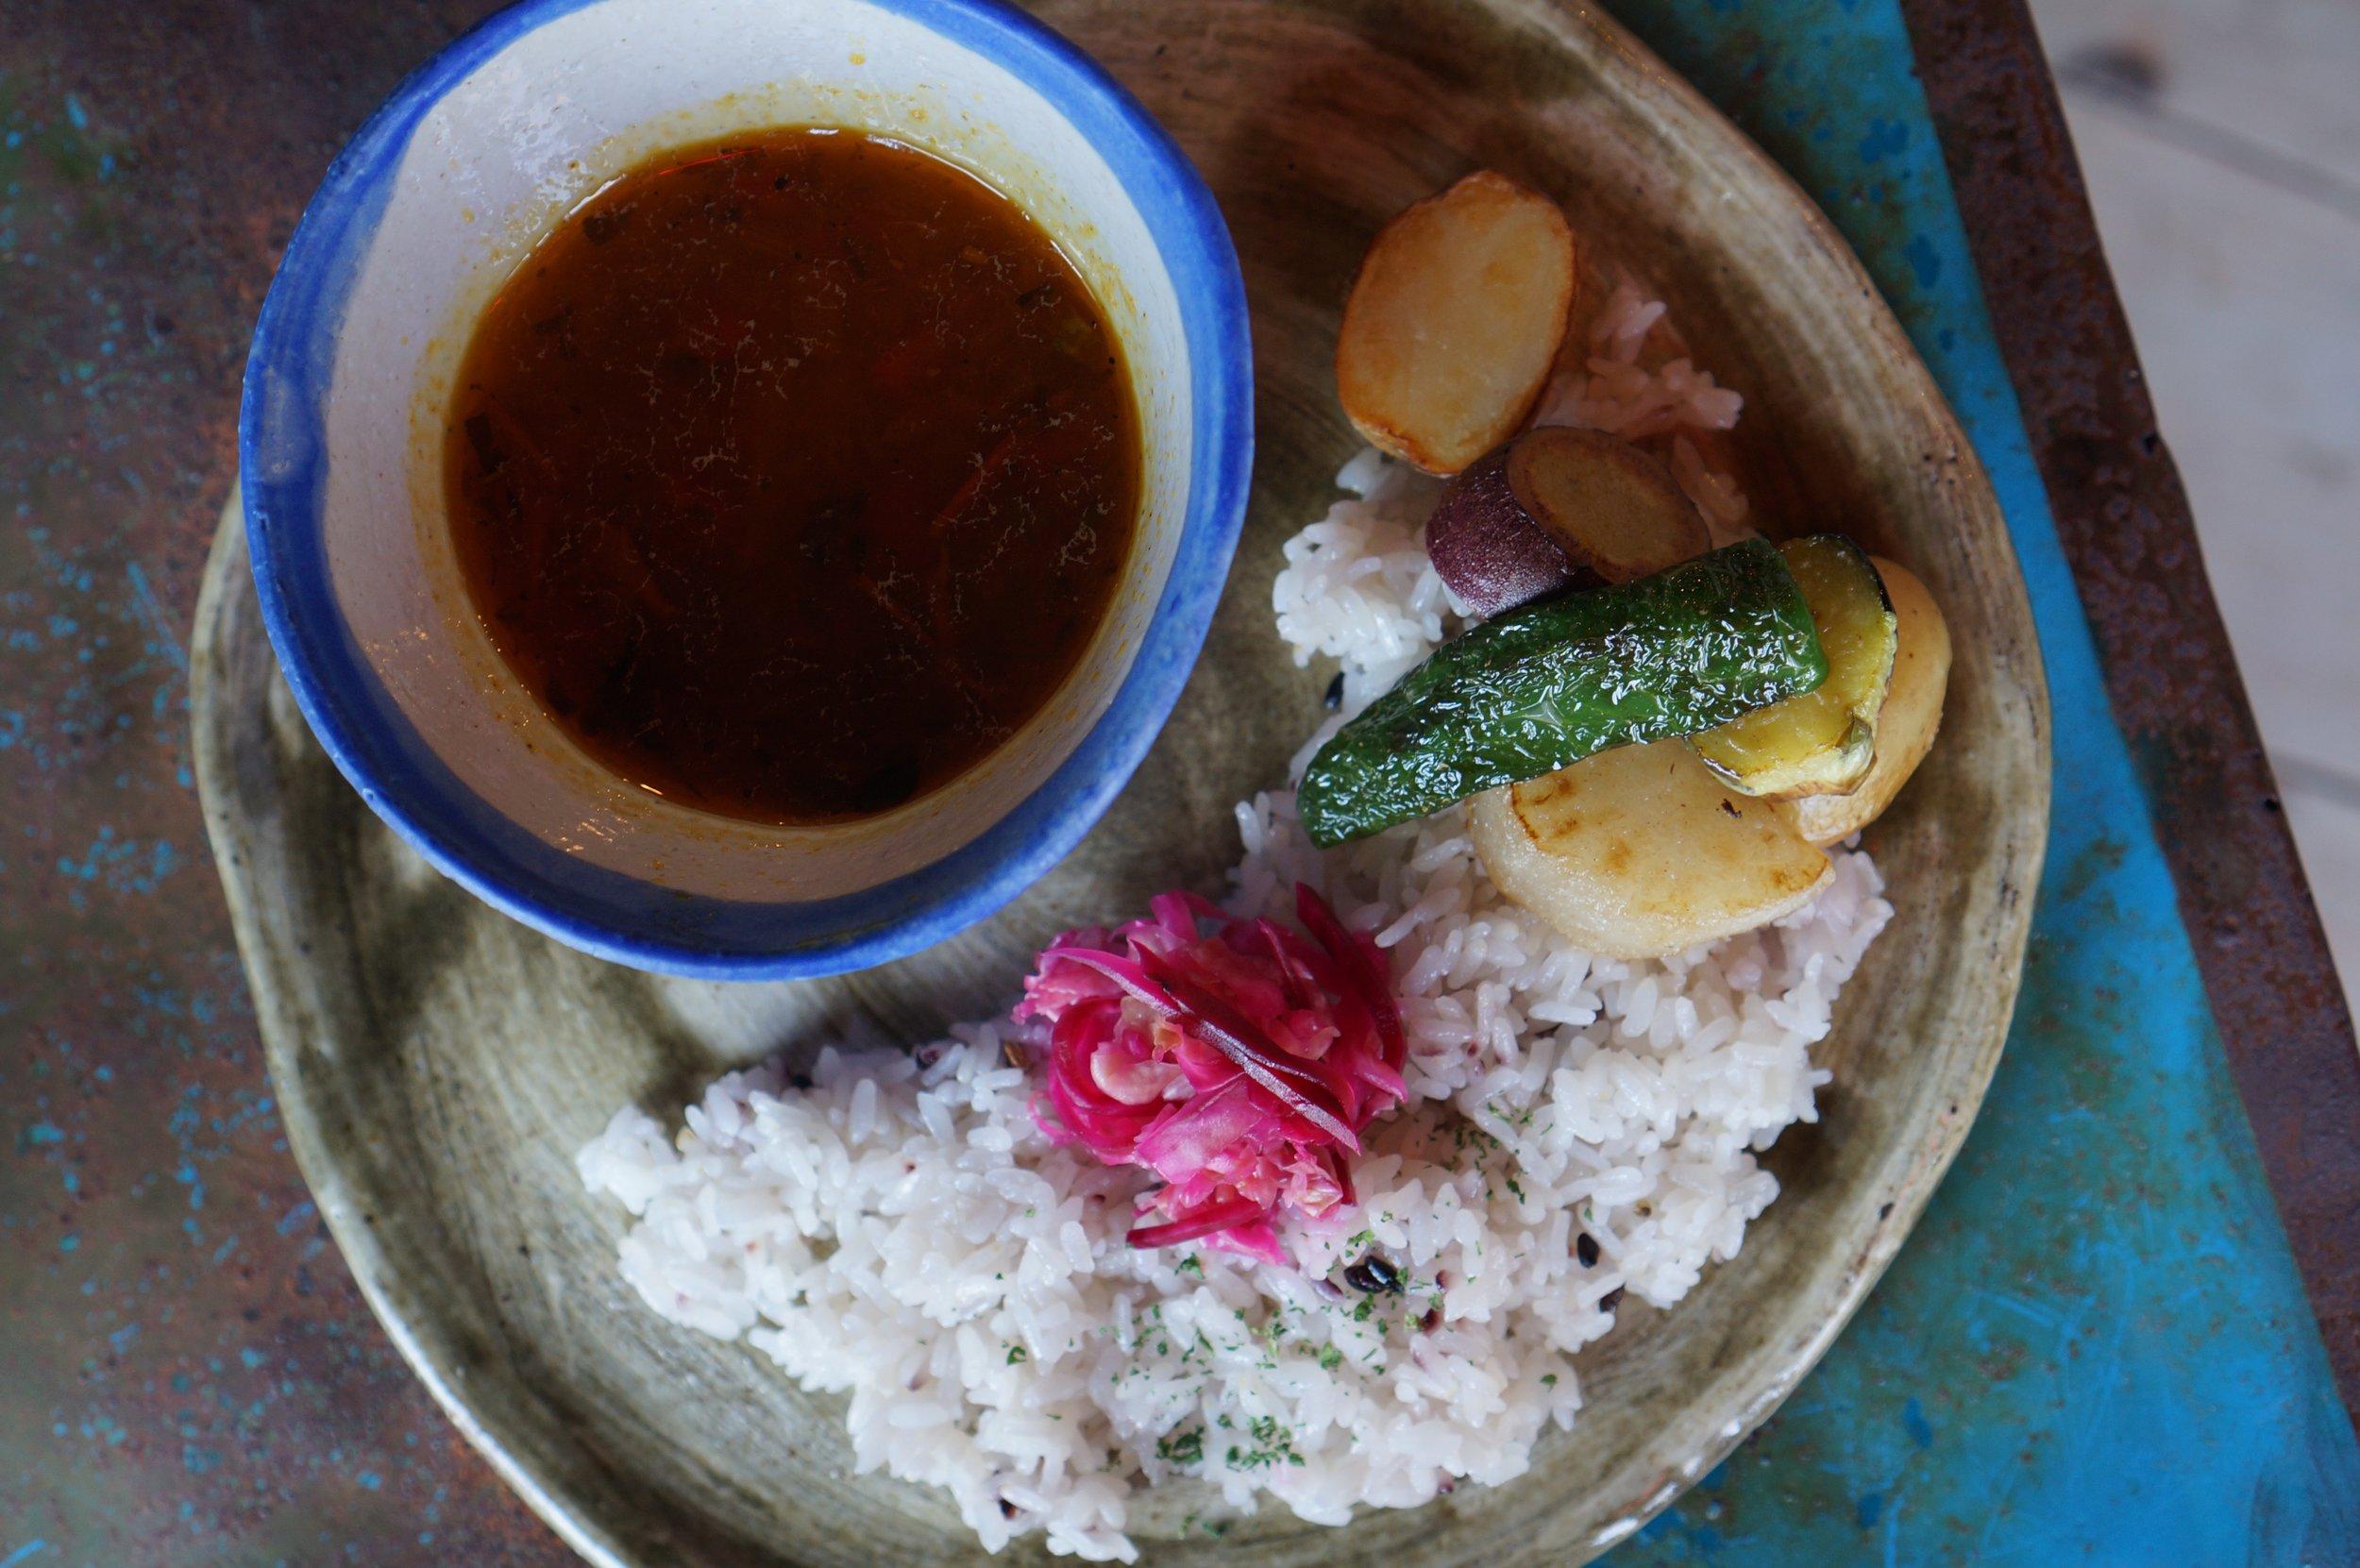 県内産の野菜をふんだんに使った、ルージュのベジカレー